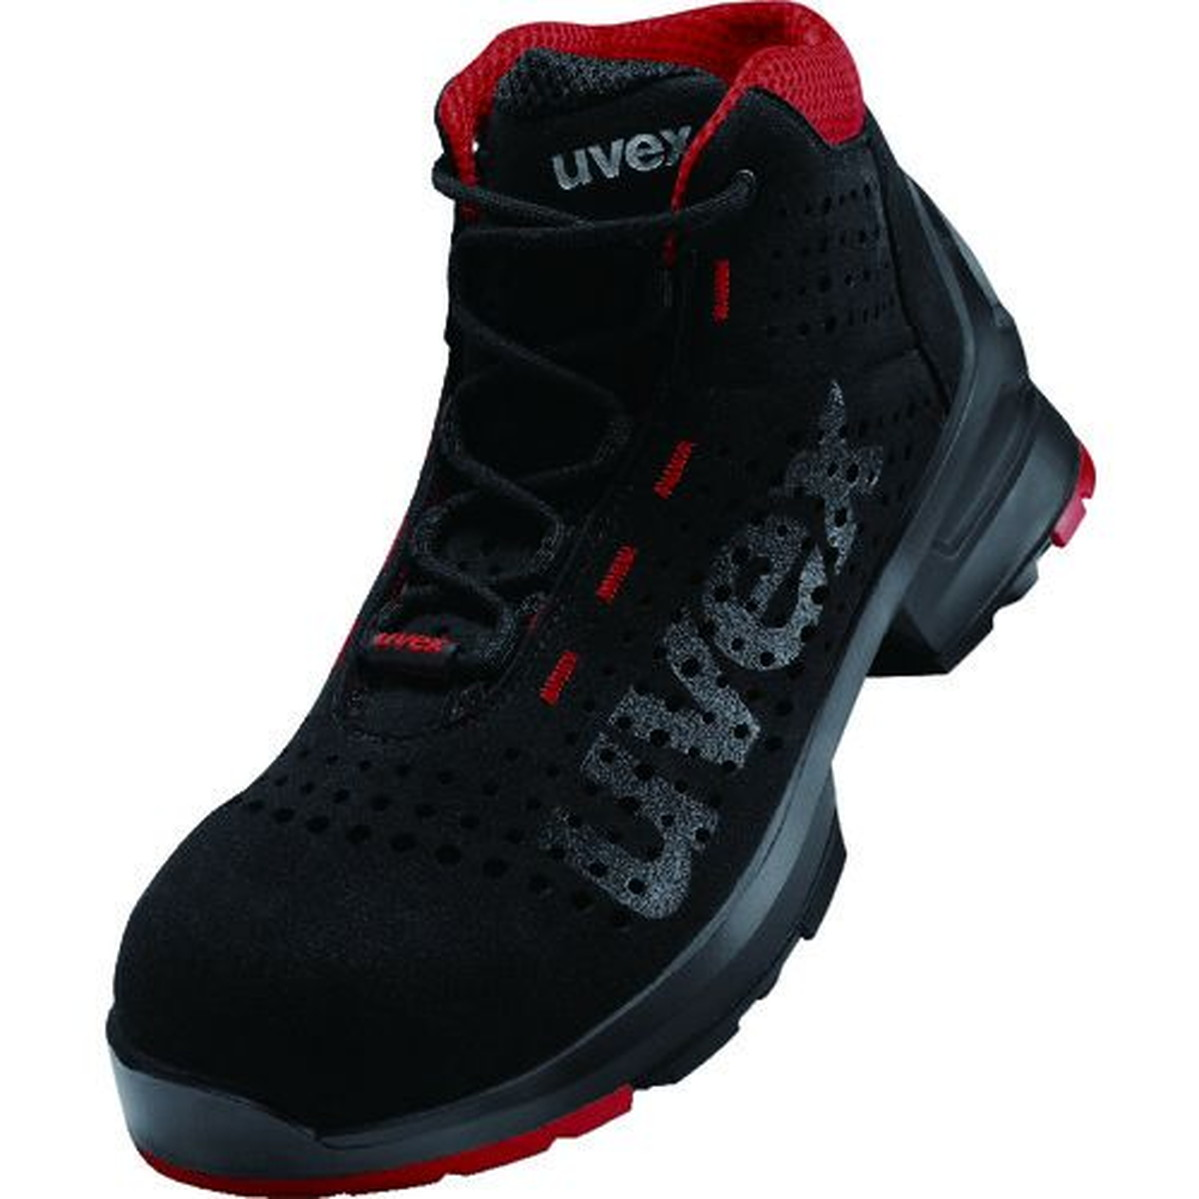 【おしゃれ】 UVEX 23.5CM ブーツ ブラック 23.5CM 1足 ブラック 1足, アリタマチ:cc5919a2 --- kventurepartners.sakura.ne.jp